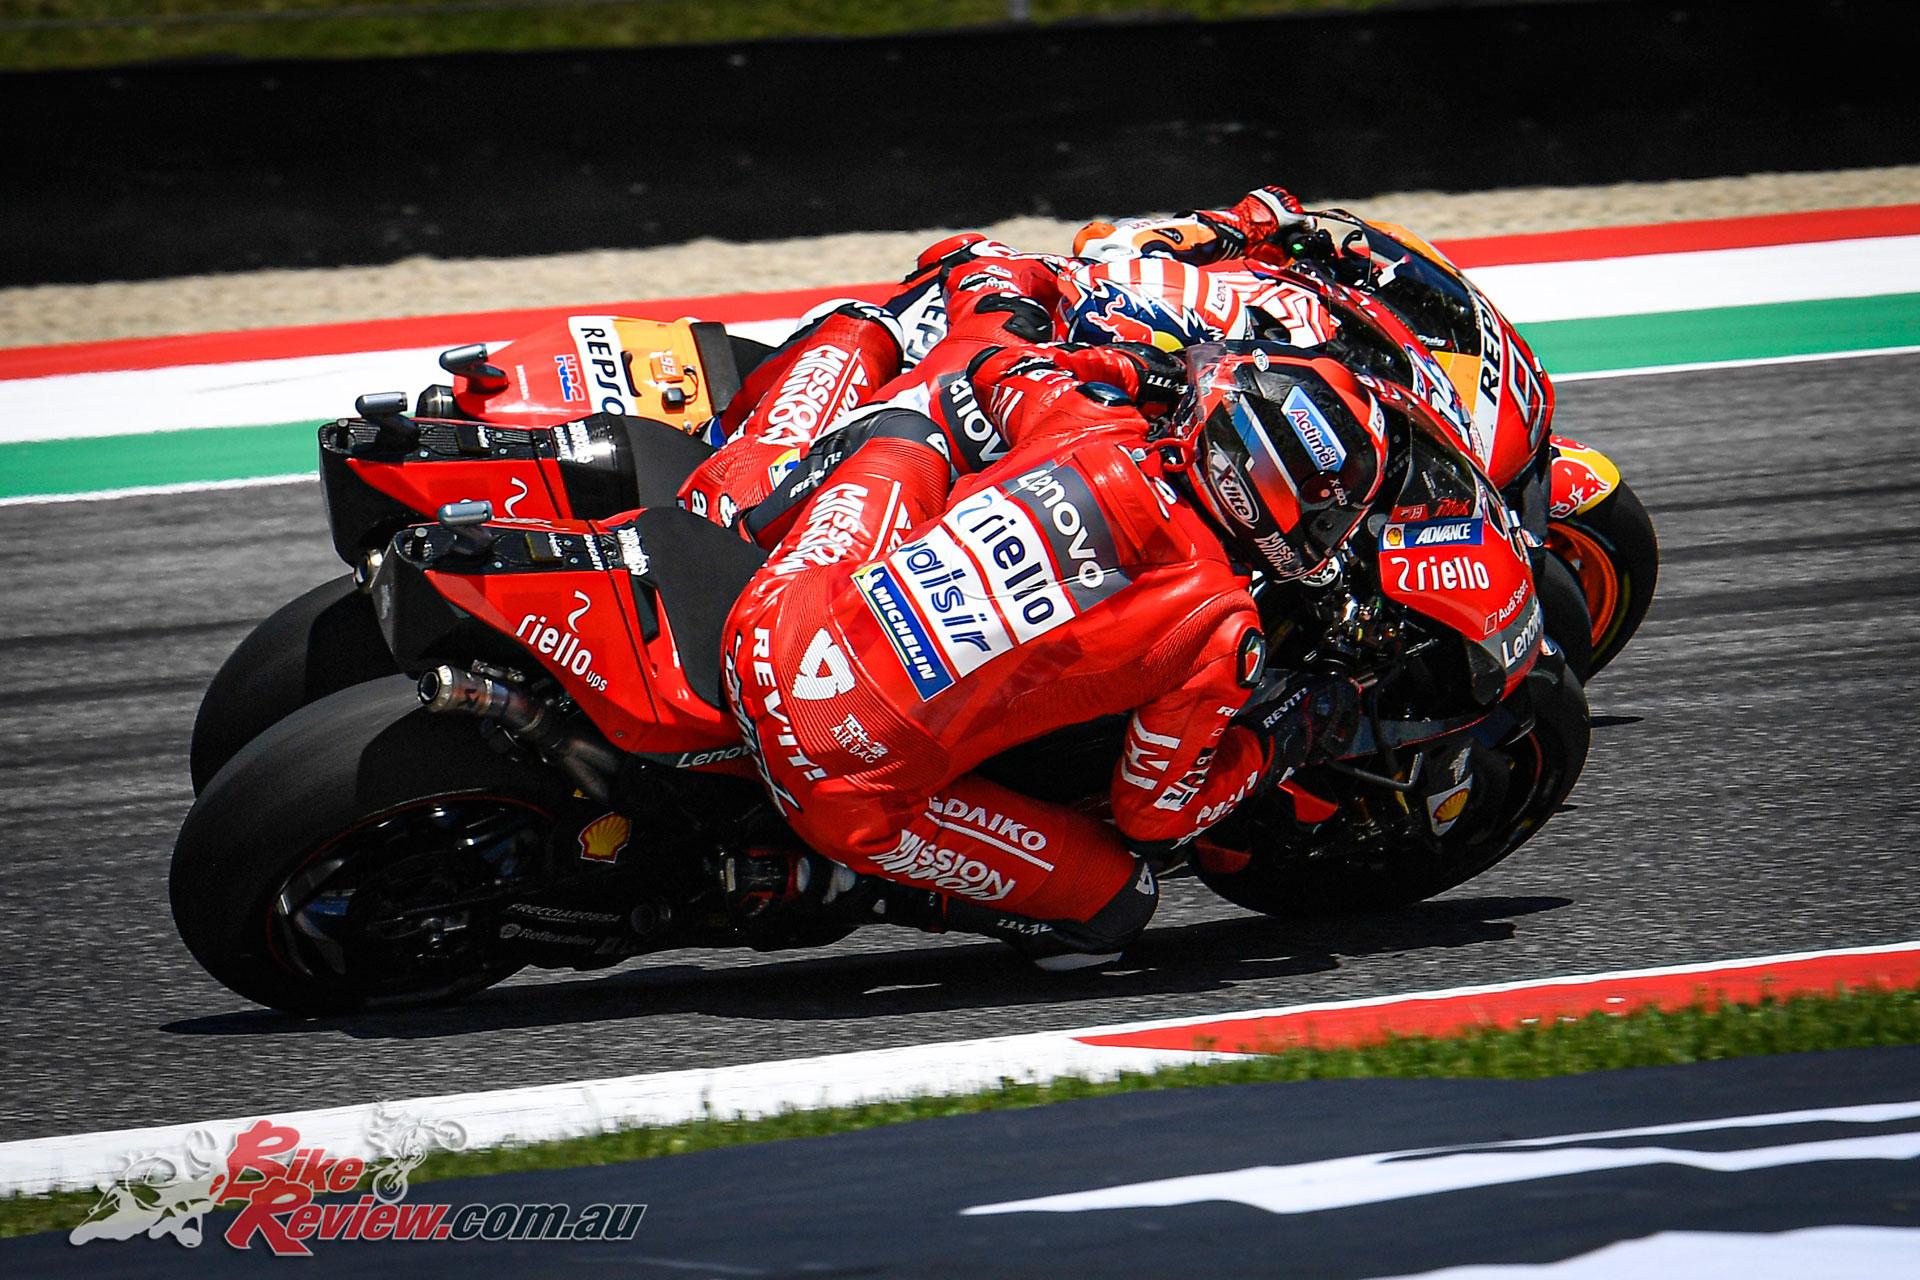 Danilo Petrucci - 2019 MotoGP Round 6 Mugello